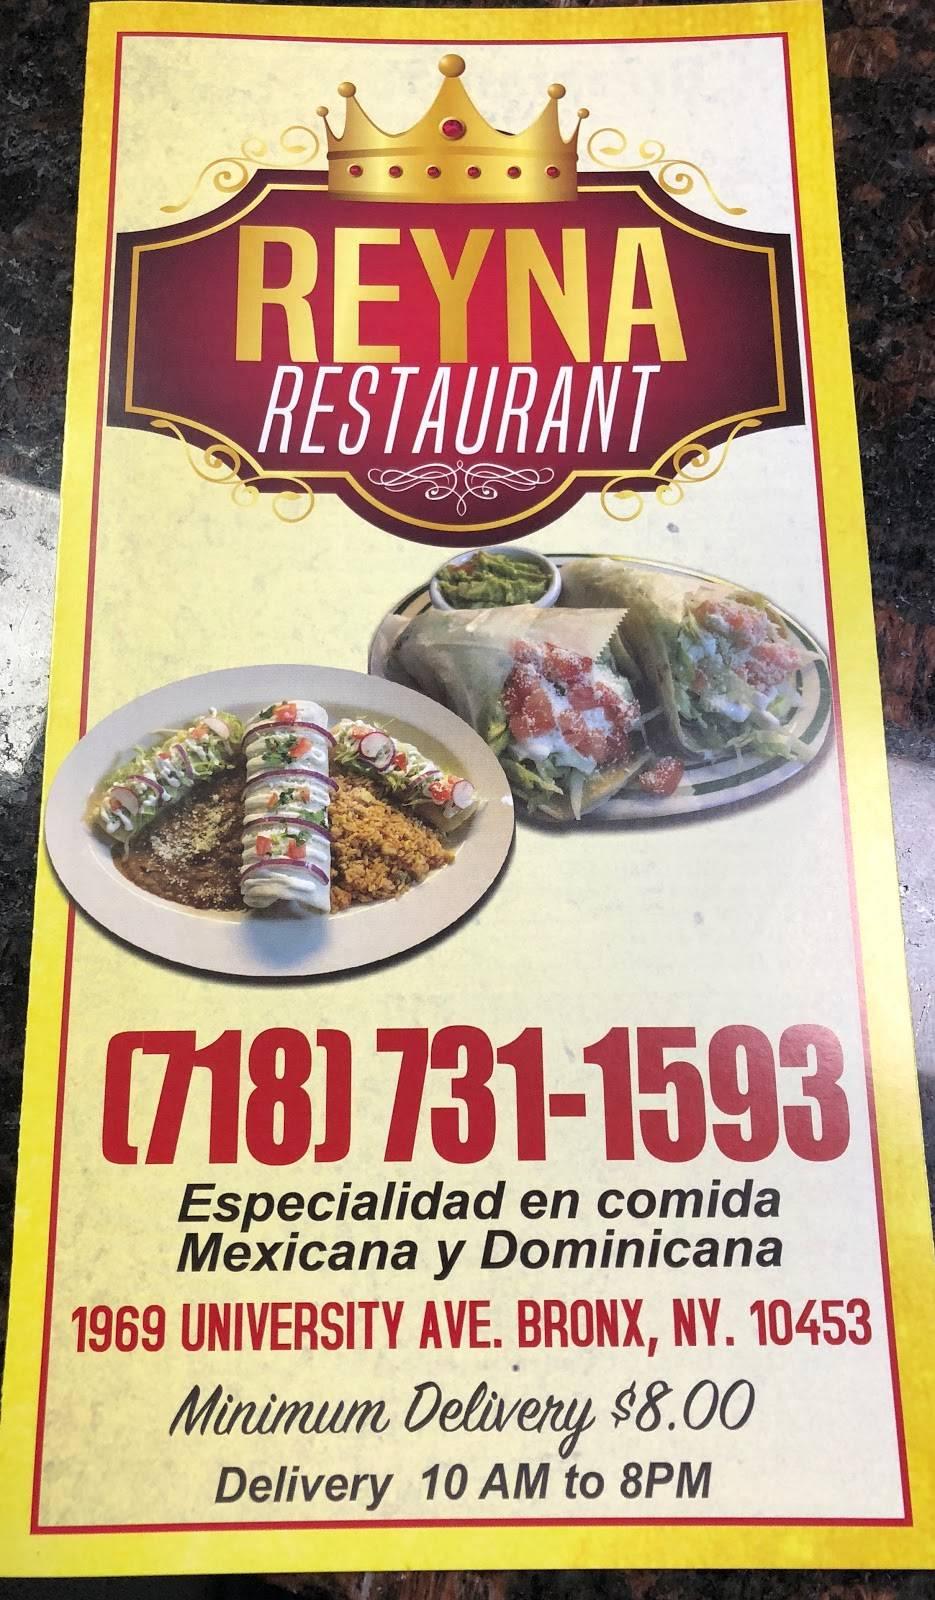 Reina Restaurant | restaurant | 1969 Dr Martin Luther King Jr Blvd, Bronx, NY 10453, USA | 7187311593 OR +1 718-731-1593